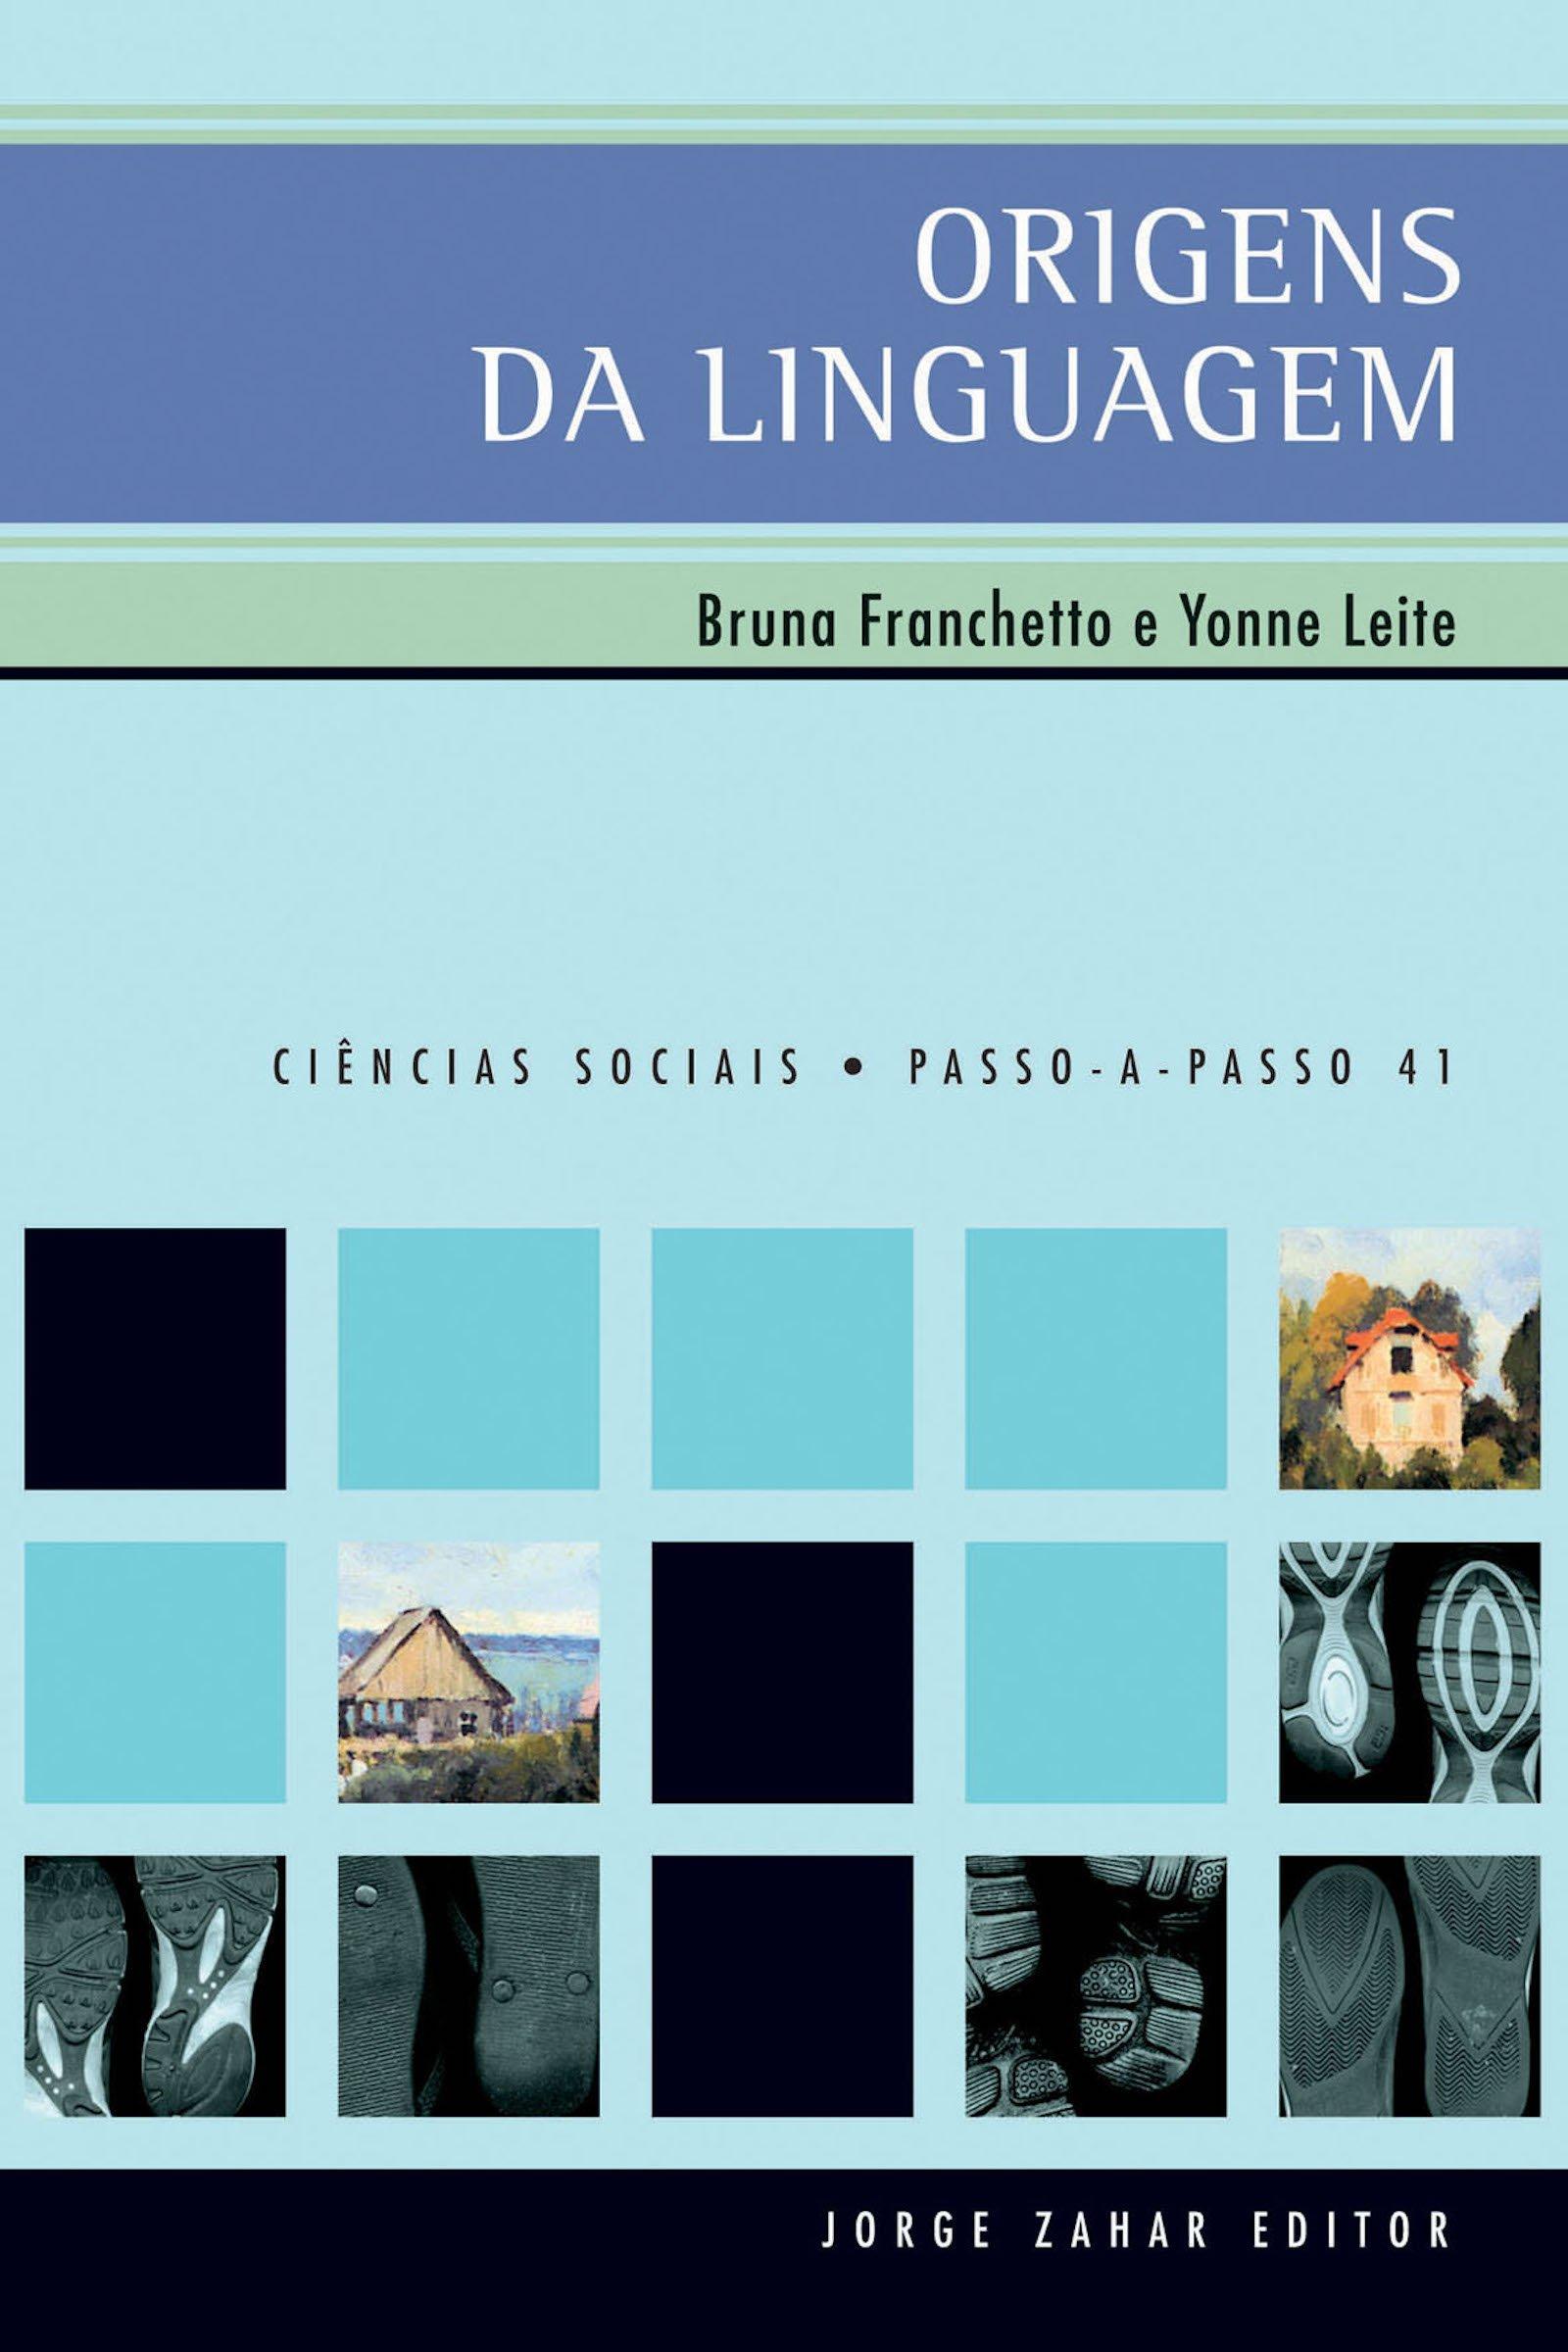 Origens da Linguagem - Coleção Ciências Sociais Passo-a-passo